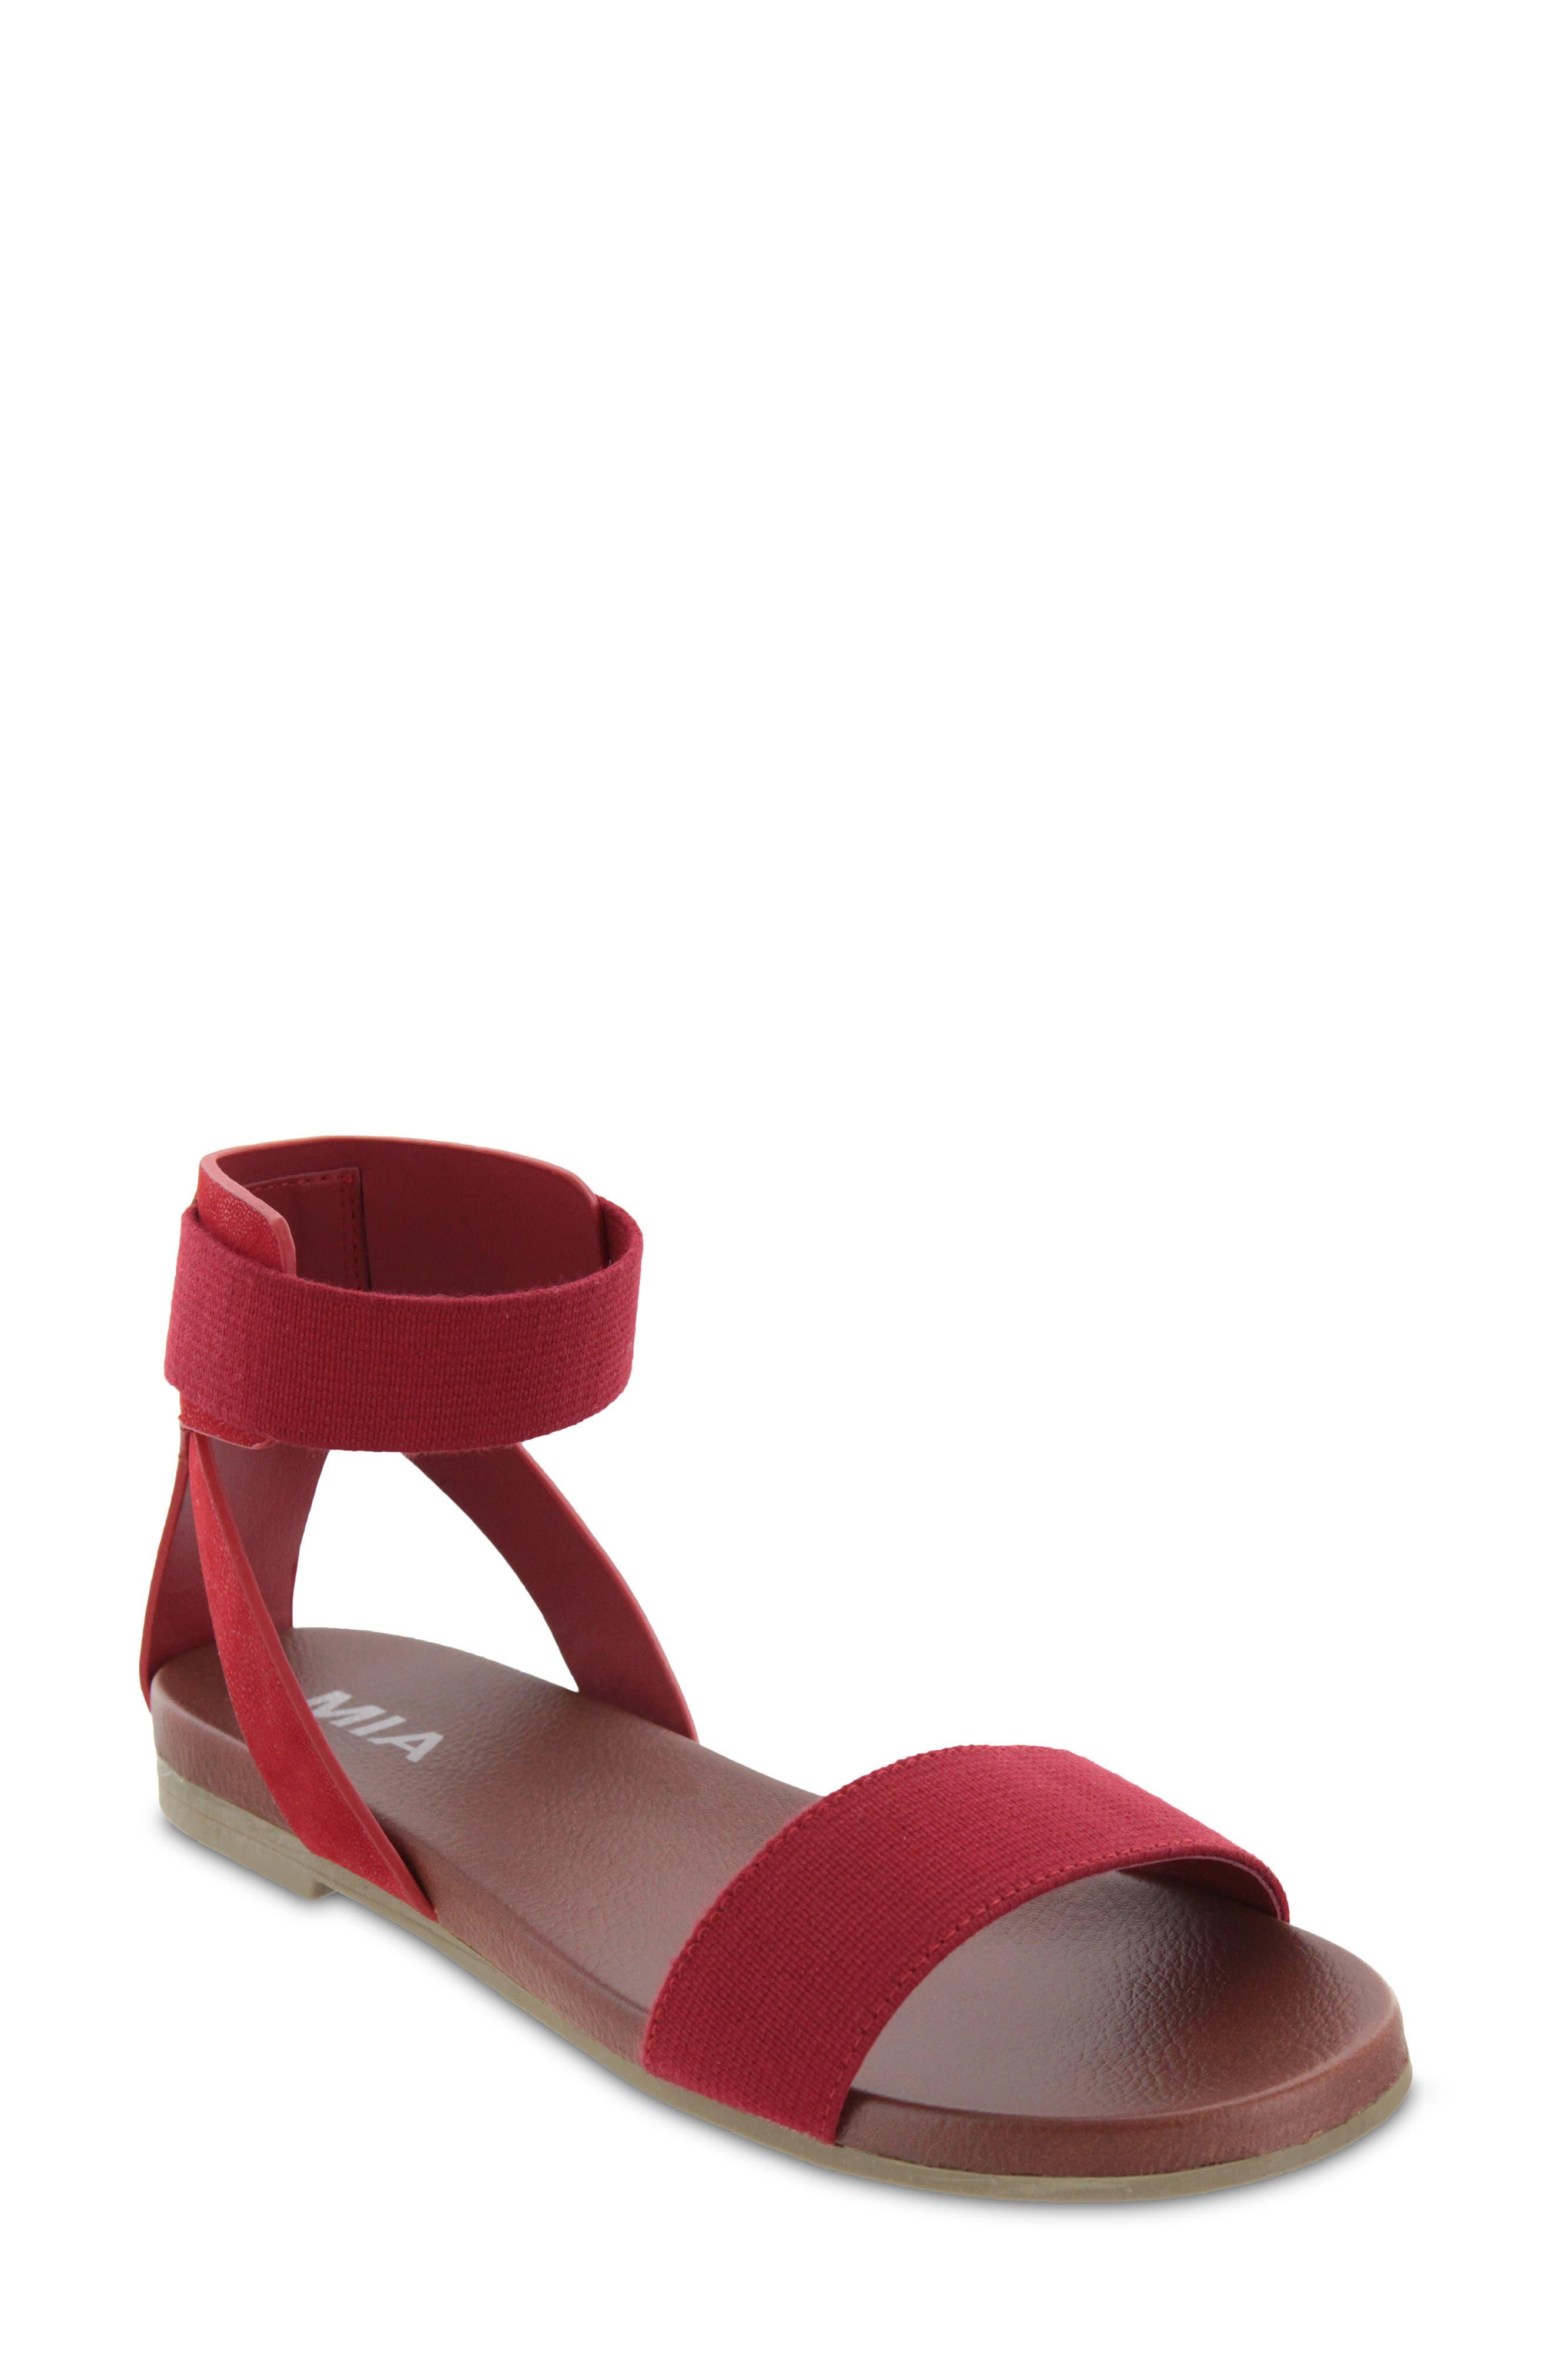 Ember Sandal